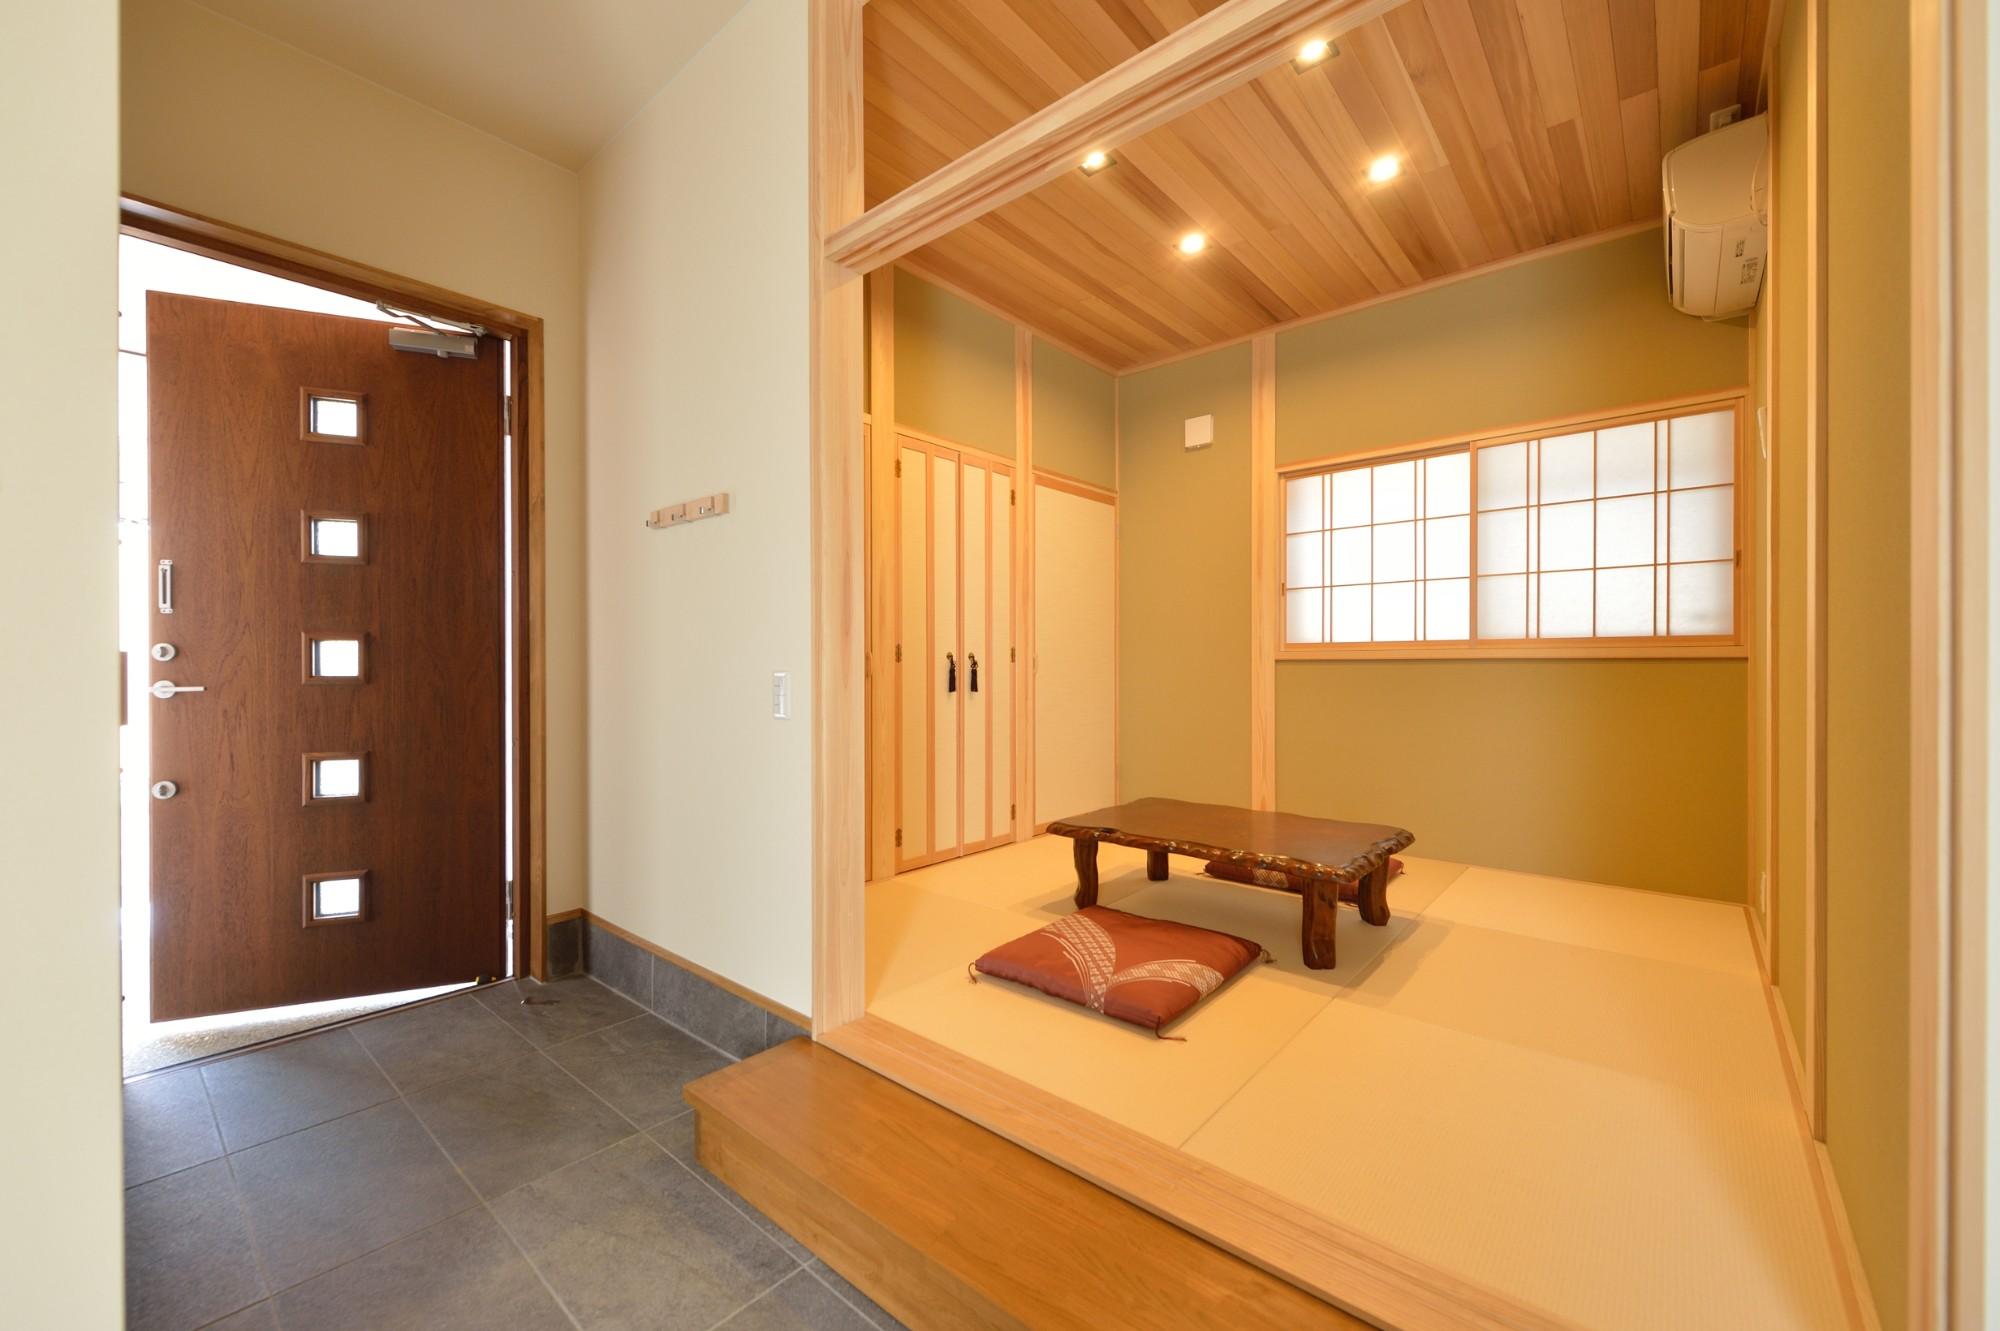 家'Sハセガワ株式会社「極み庵」の和風・和モダンな居室の実例写真